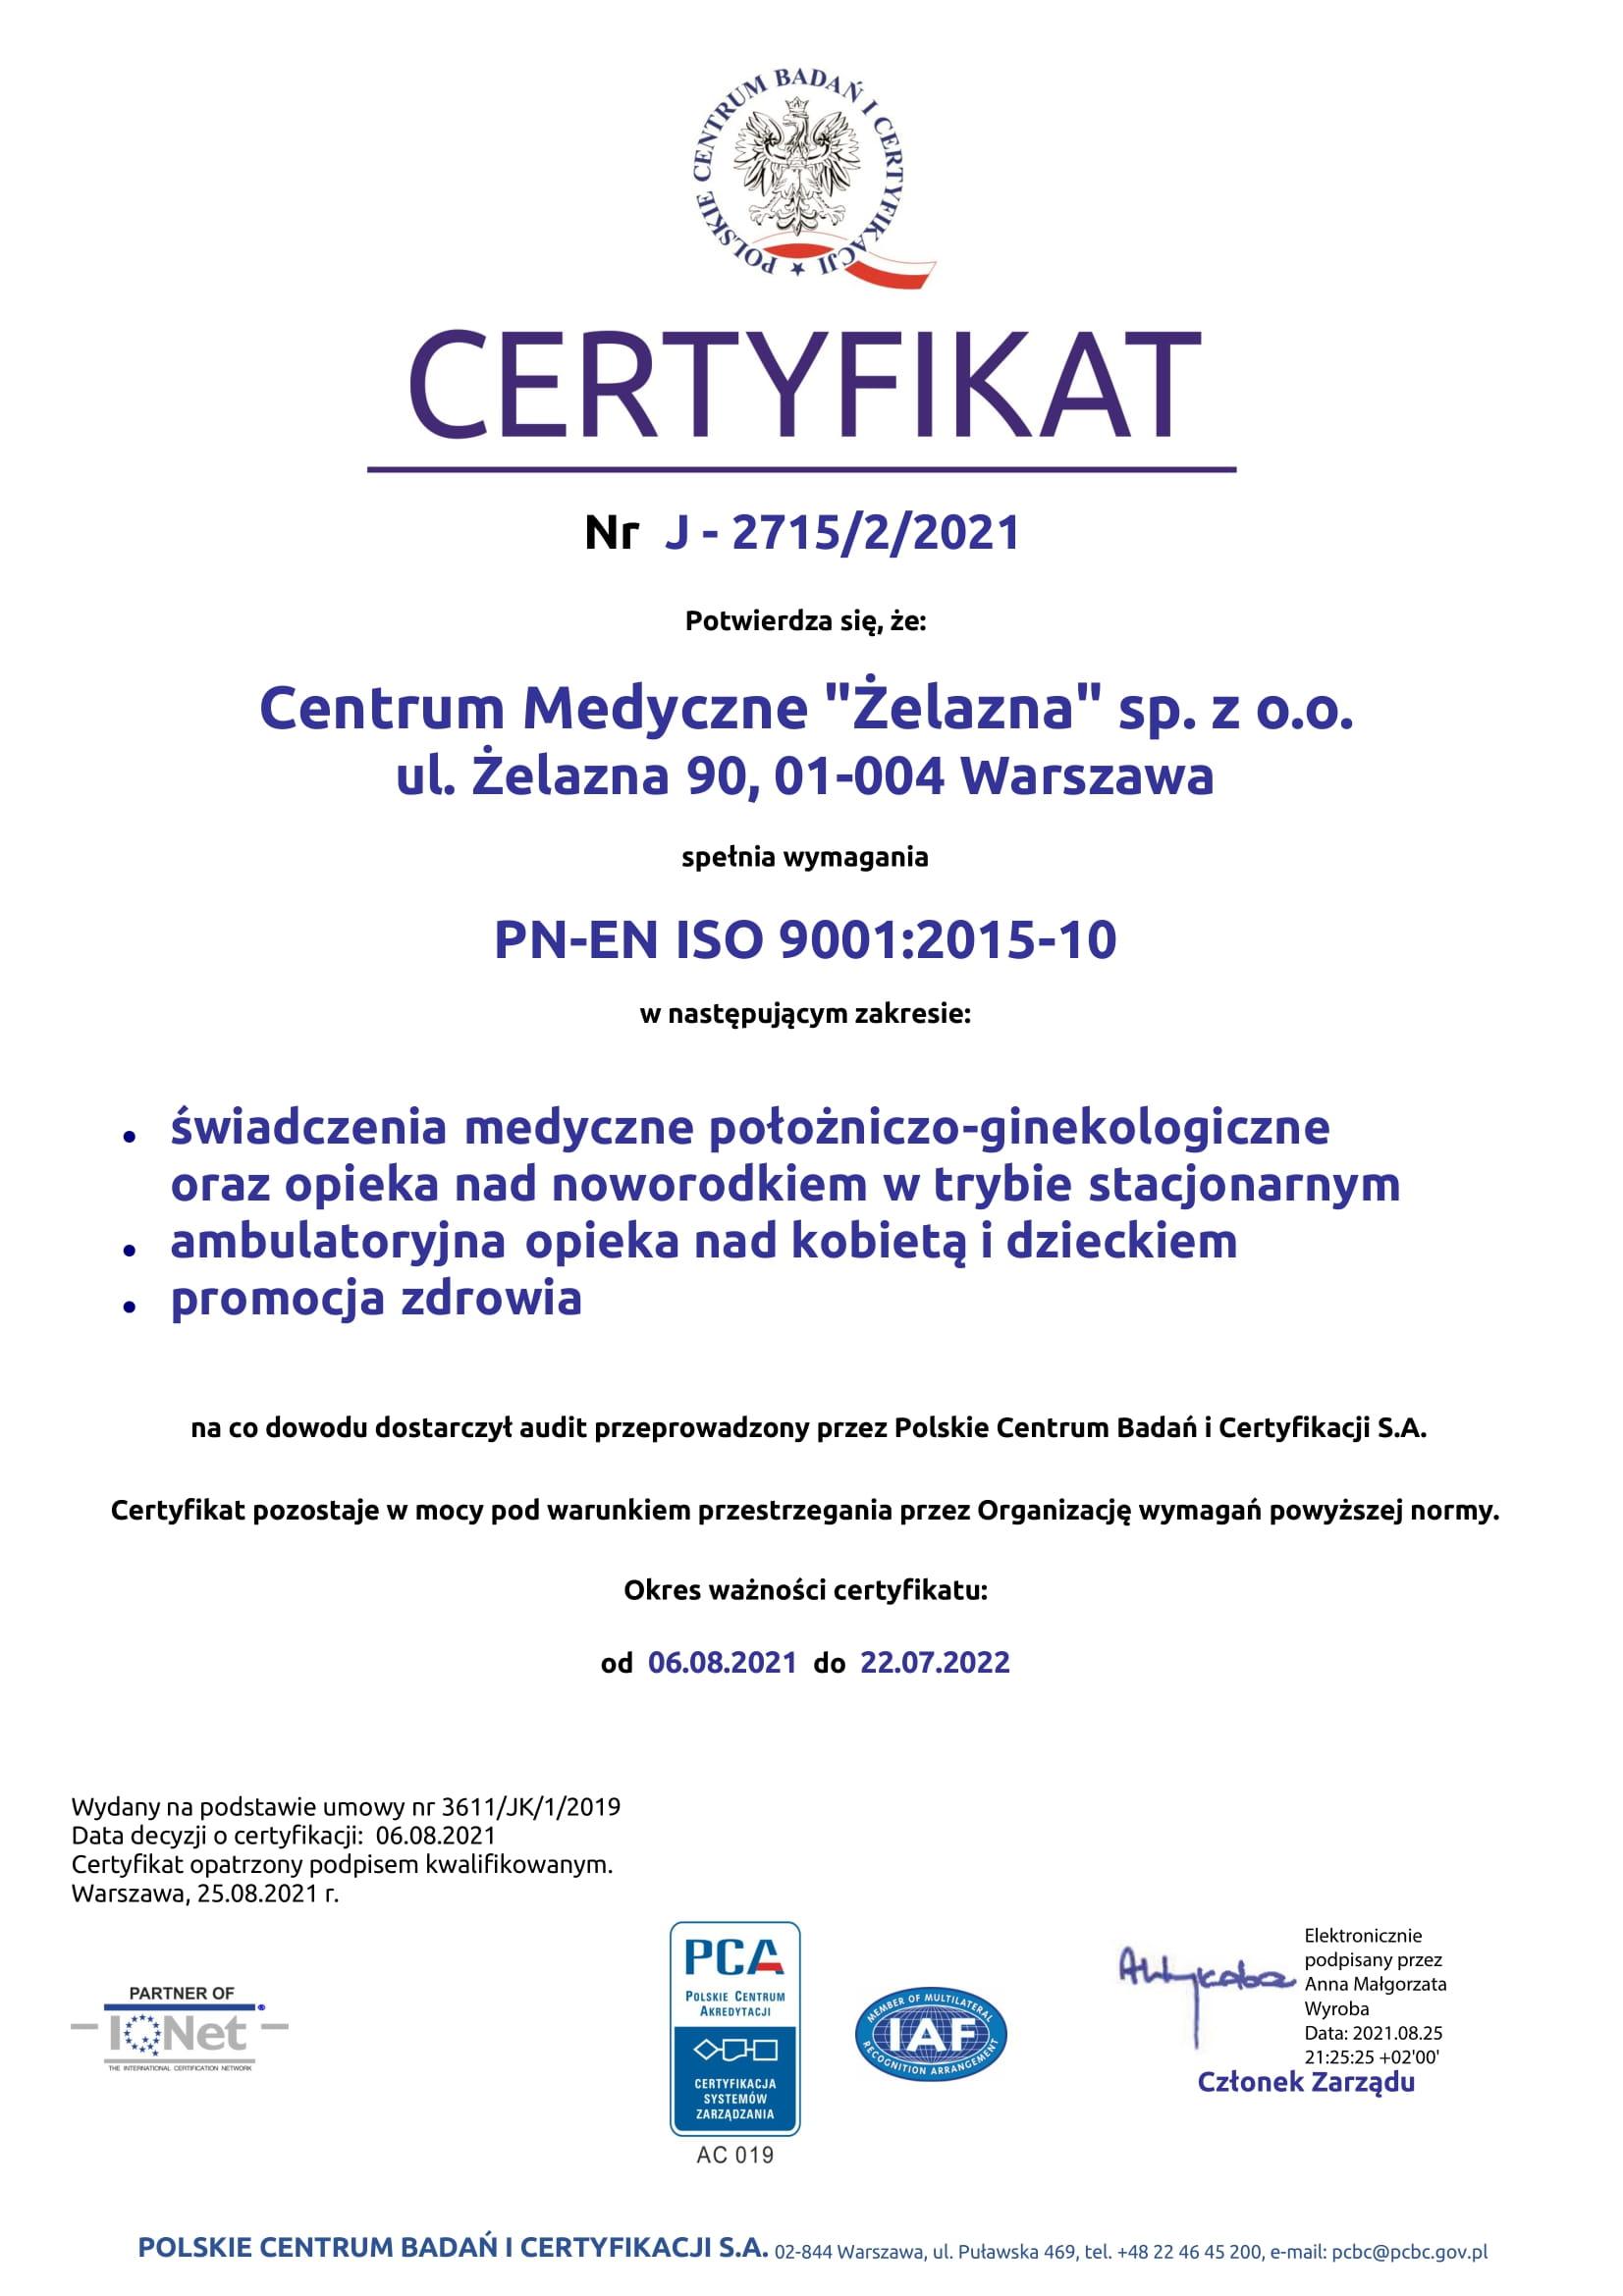 certyfikat jakości dla spółki